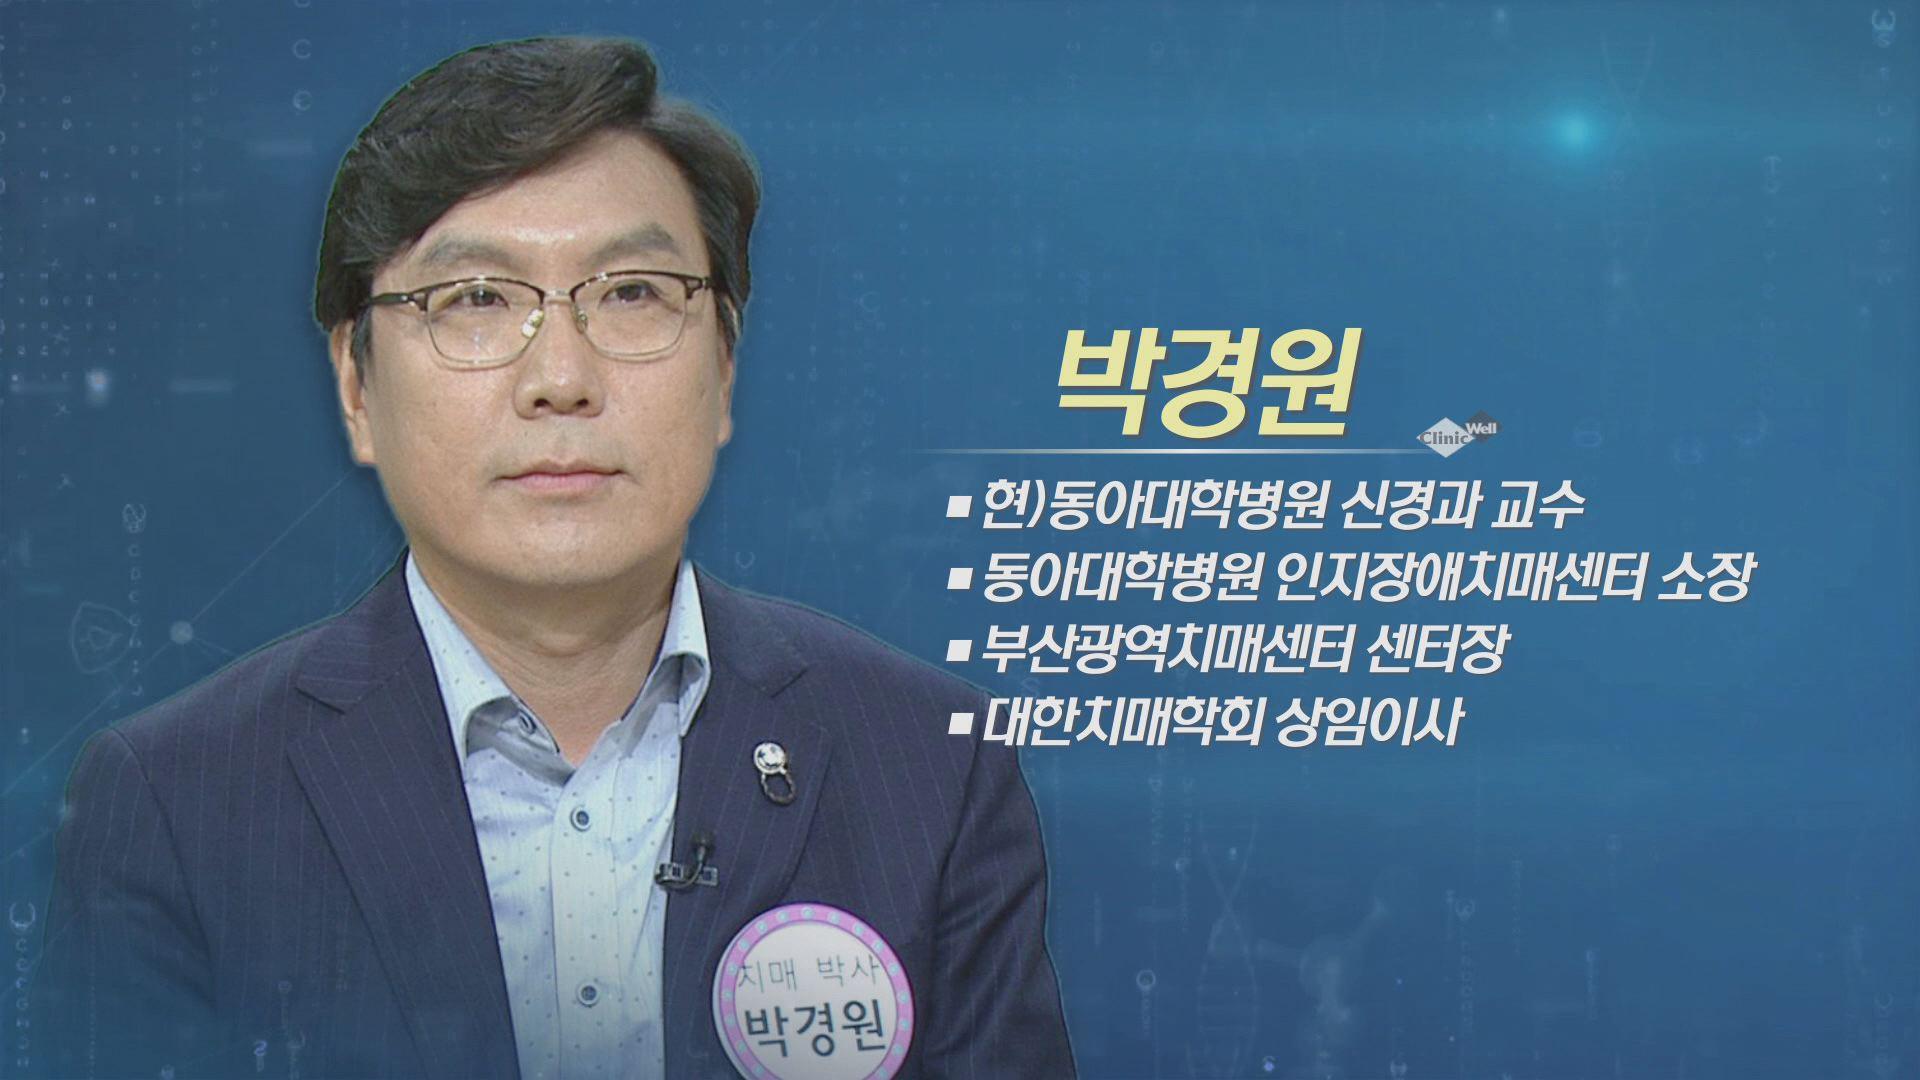 (09/02 방영) 이길 수 있는 전쟁, 치매를 잡아라! (박경원/동아대학병원 신경과 교수)